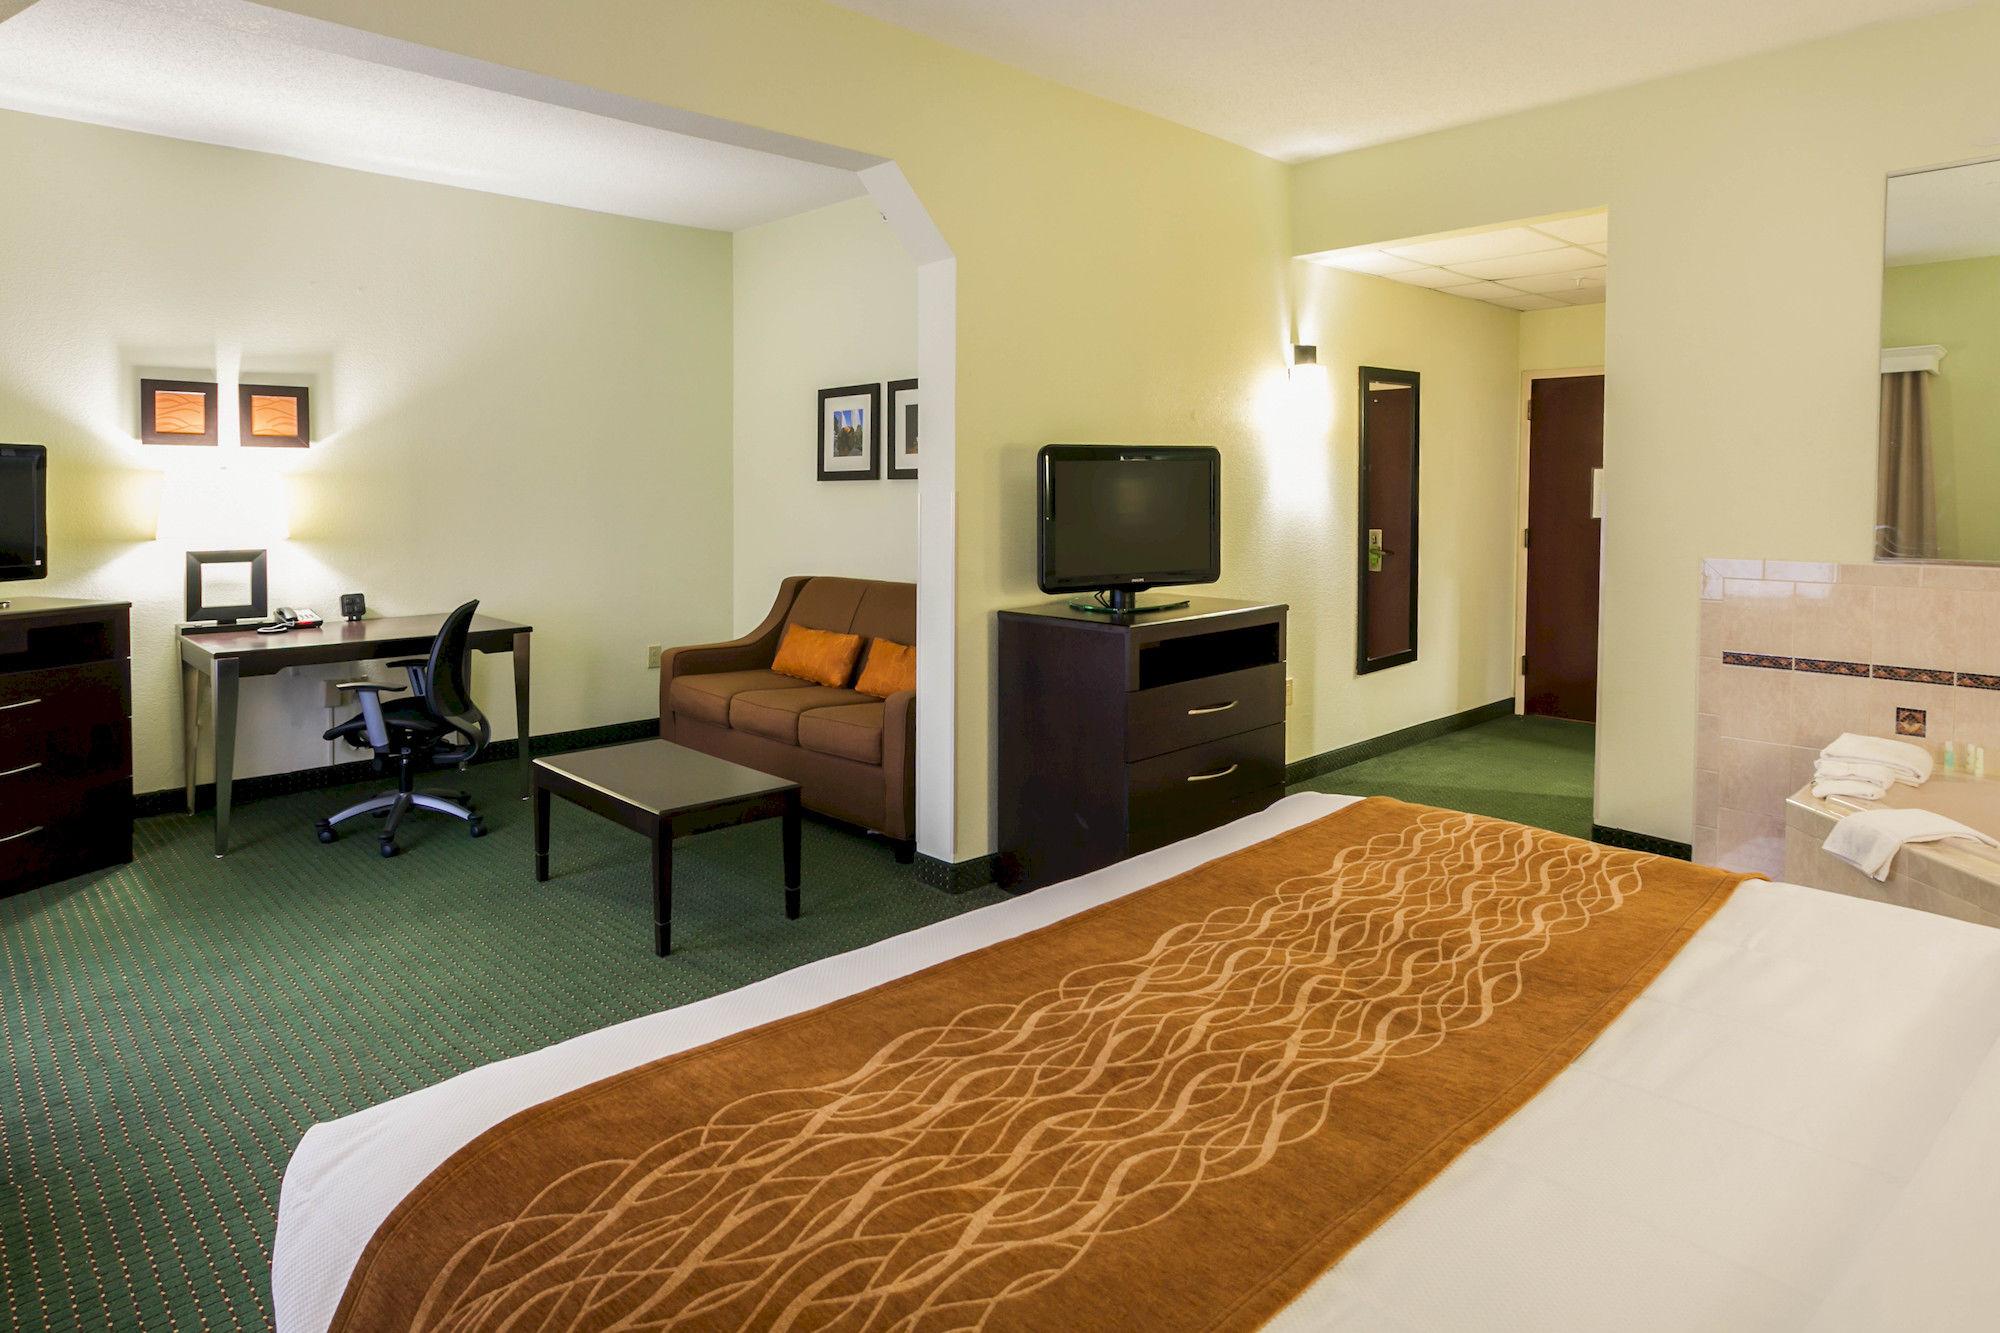 Comfort Inn & Suites Cornelius in Cornelius, NC